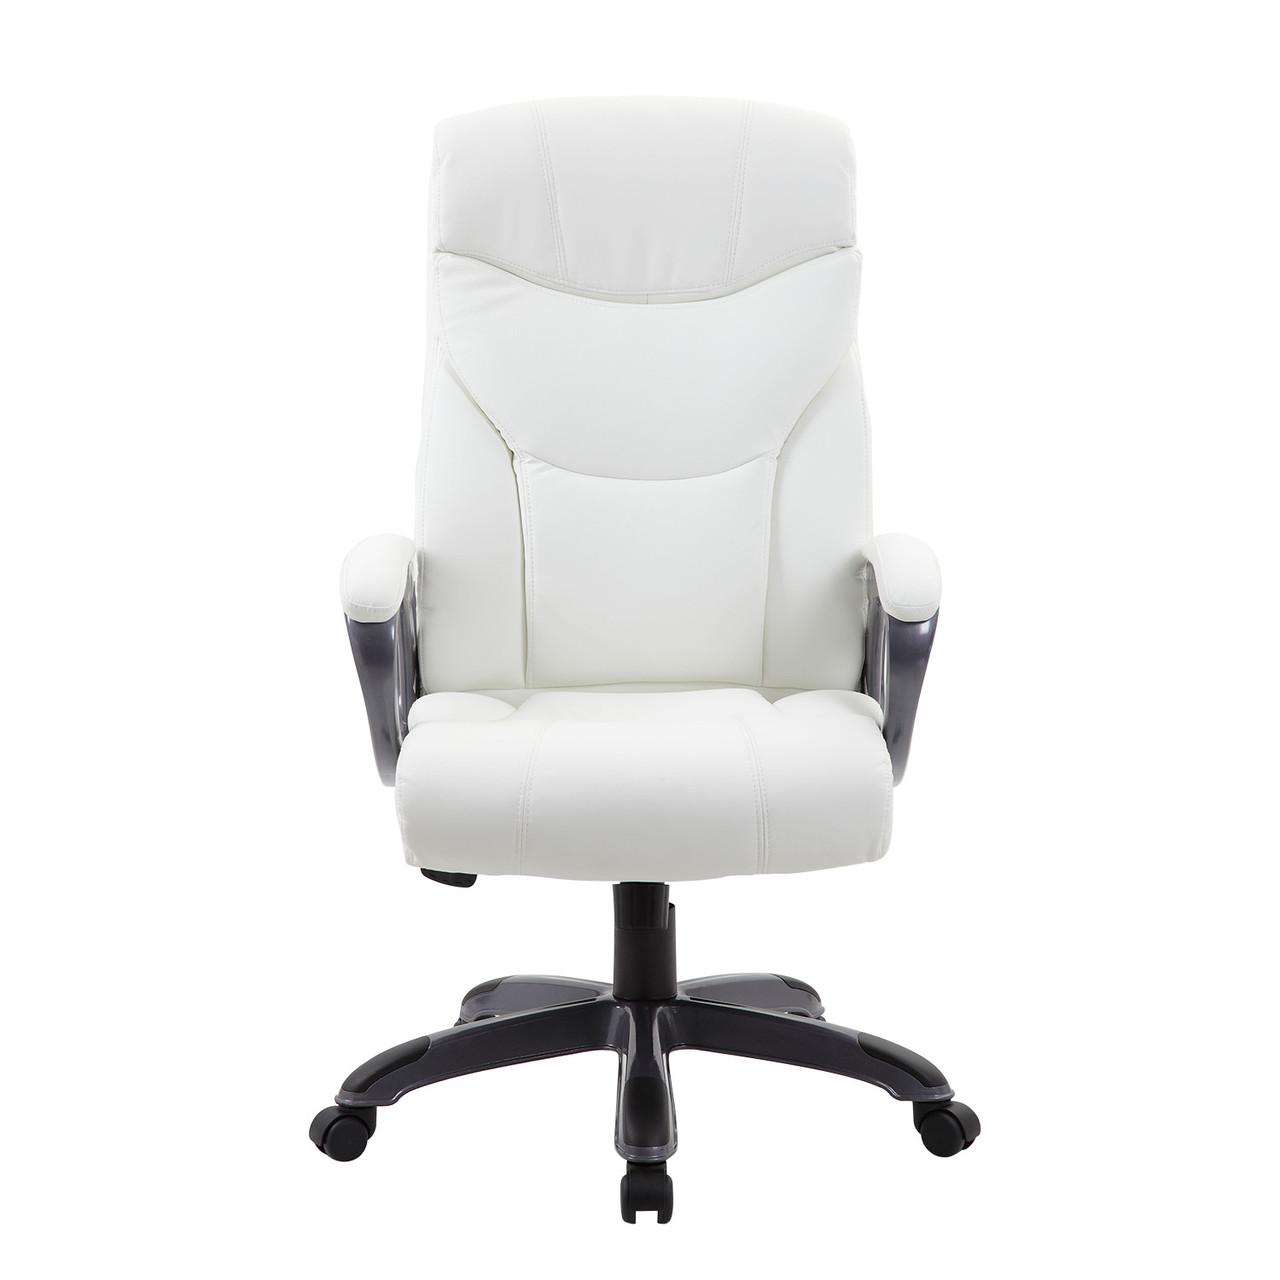 Робоче крісло CONNOR 73,5x65,5xH115-124см